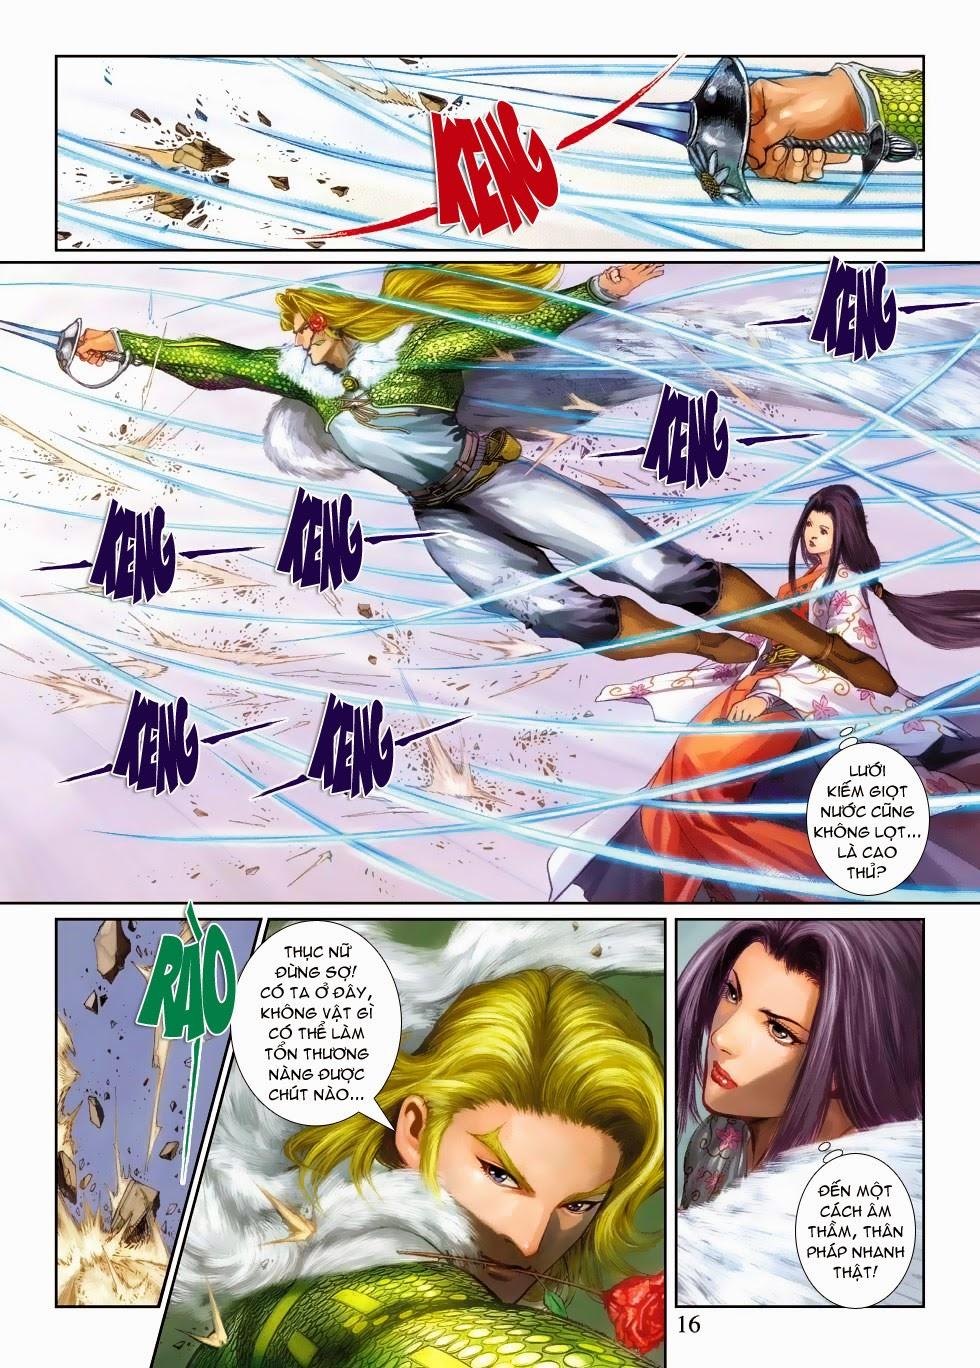 Thần Binh Tiền Truyện 4 - Huyền Thiên Tà Đế chap 3 - Trang 16